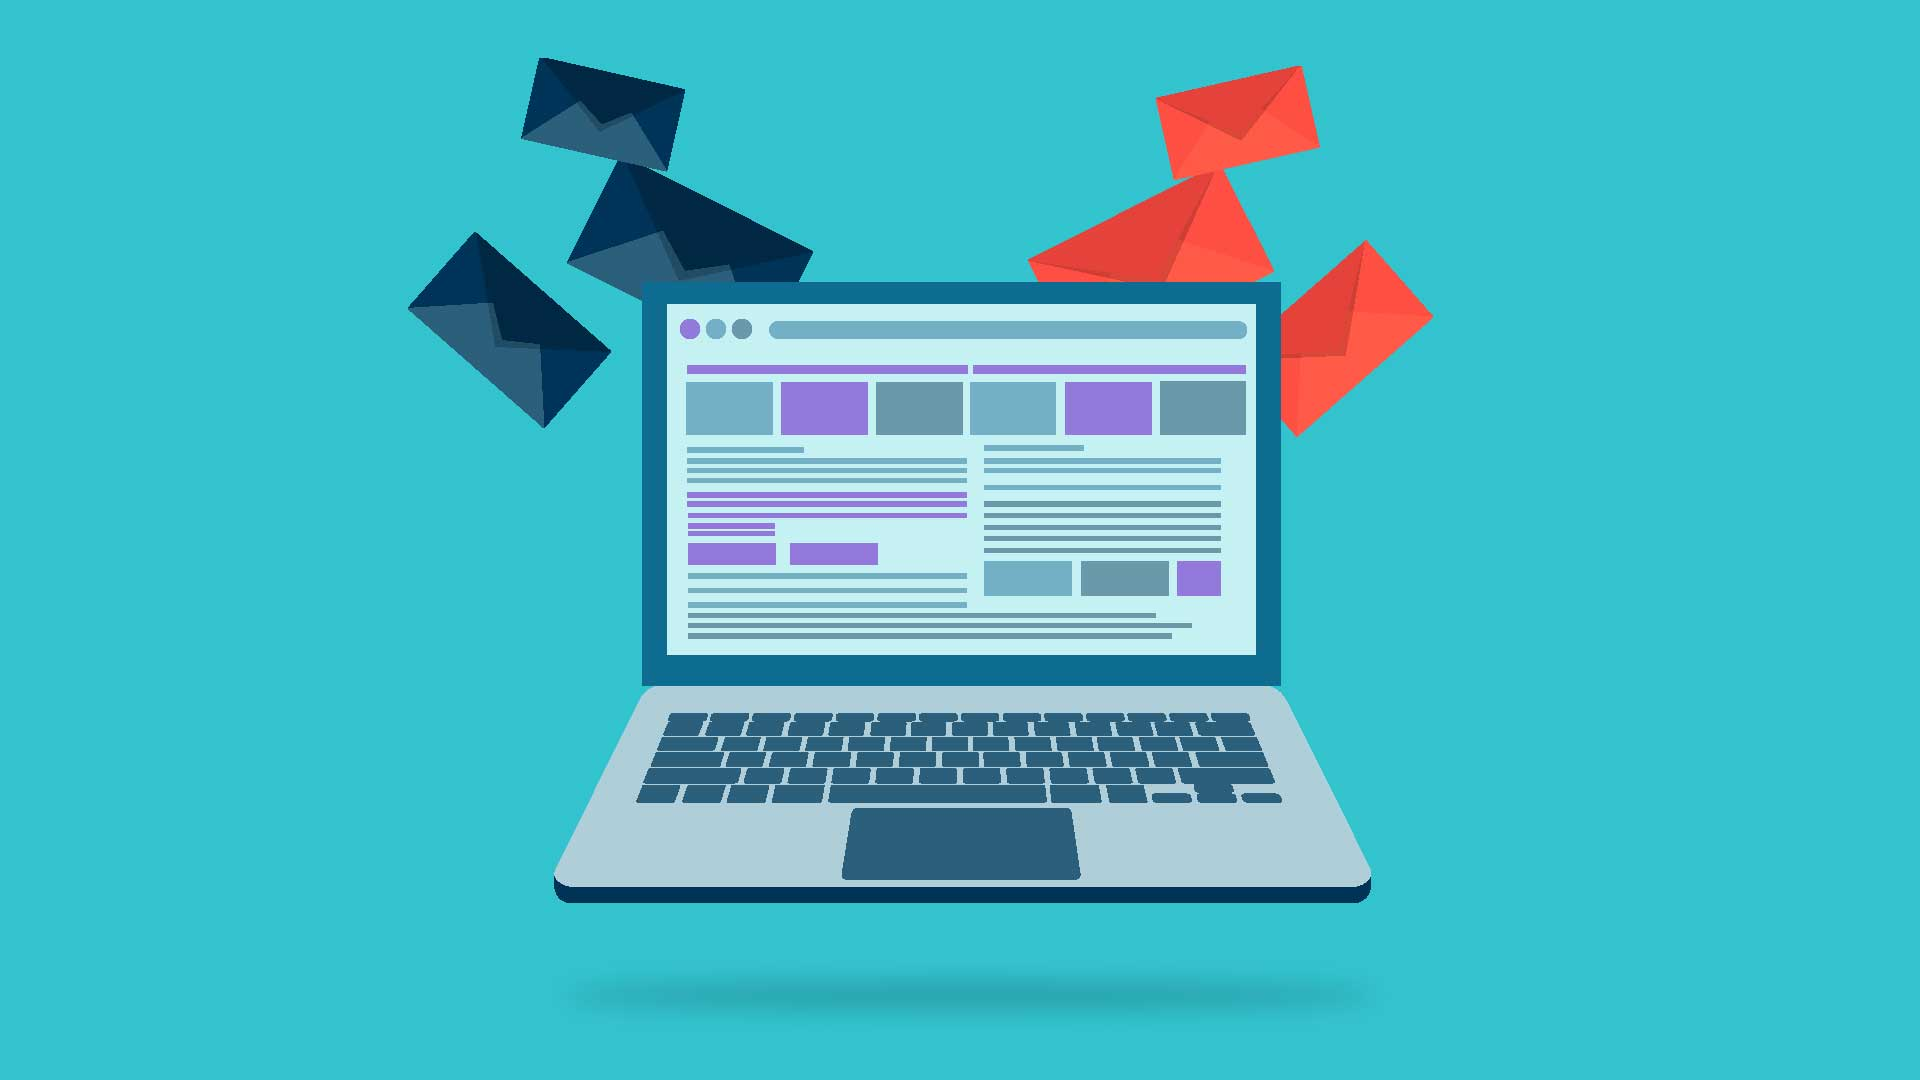 DETALHES DO ANEXO Conheça-10-Estratégias-de-Conteúdo-para-Usar-em-Seus-E-mails